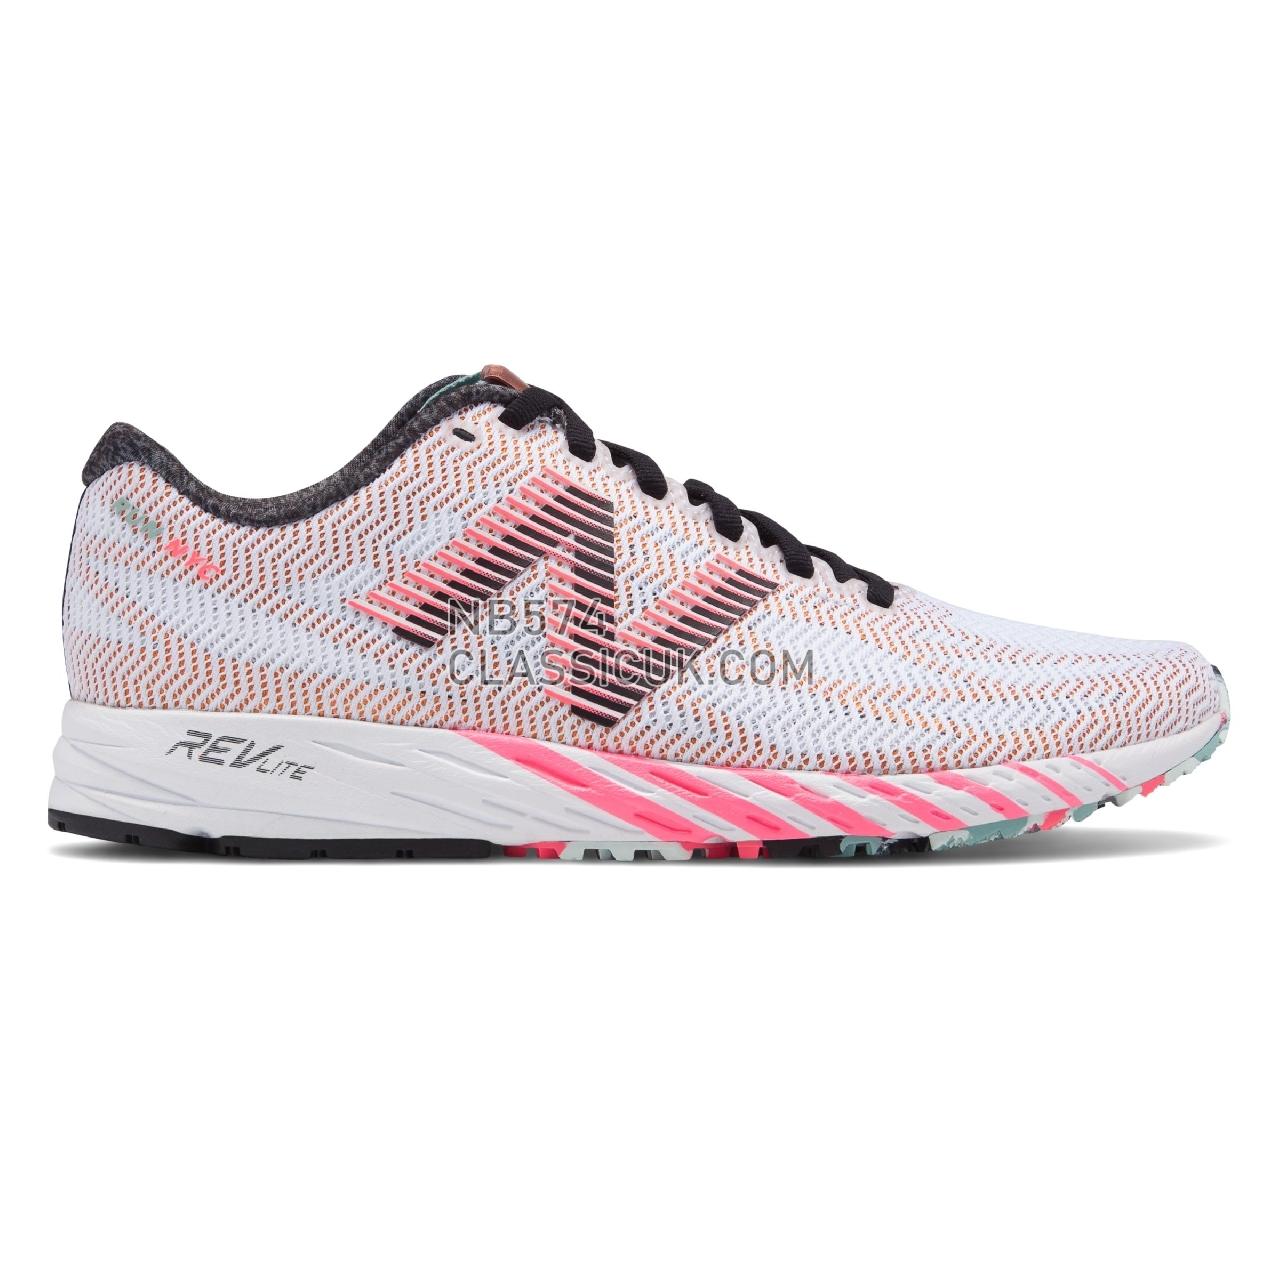 speziell für Schuh neueste Kollektion am besten billig NB 1400v6